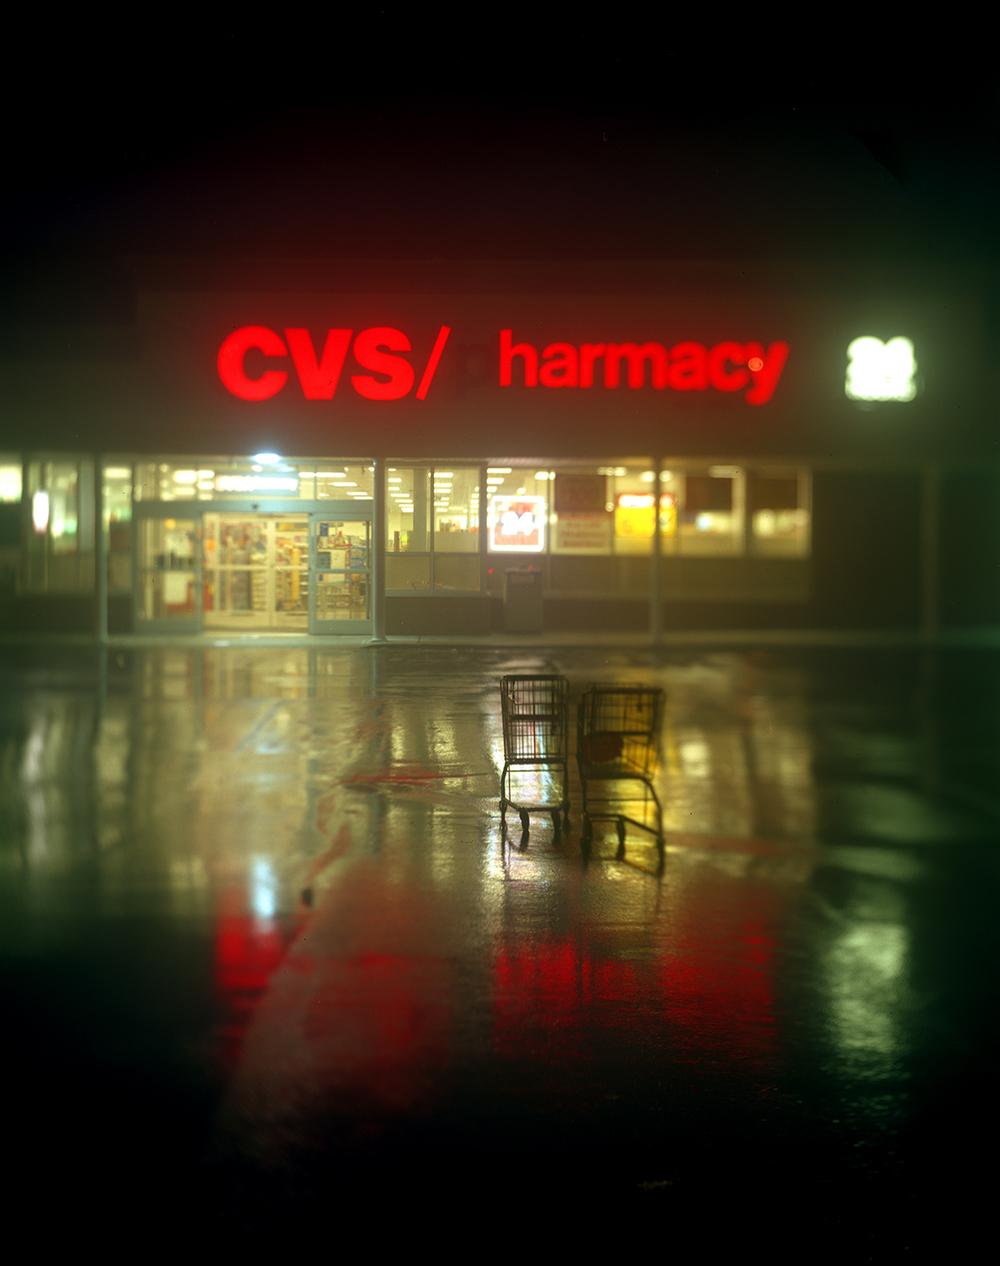 CVS HARMACY